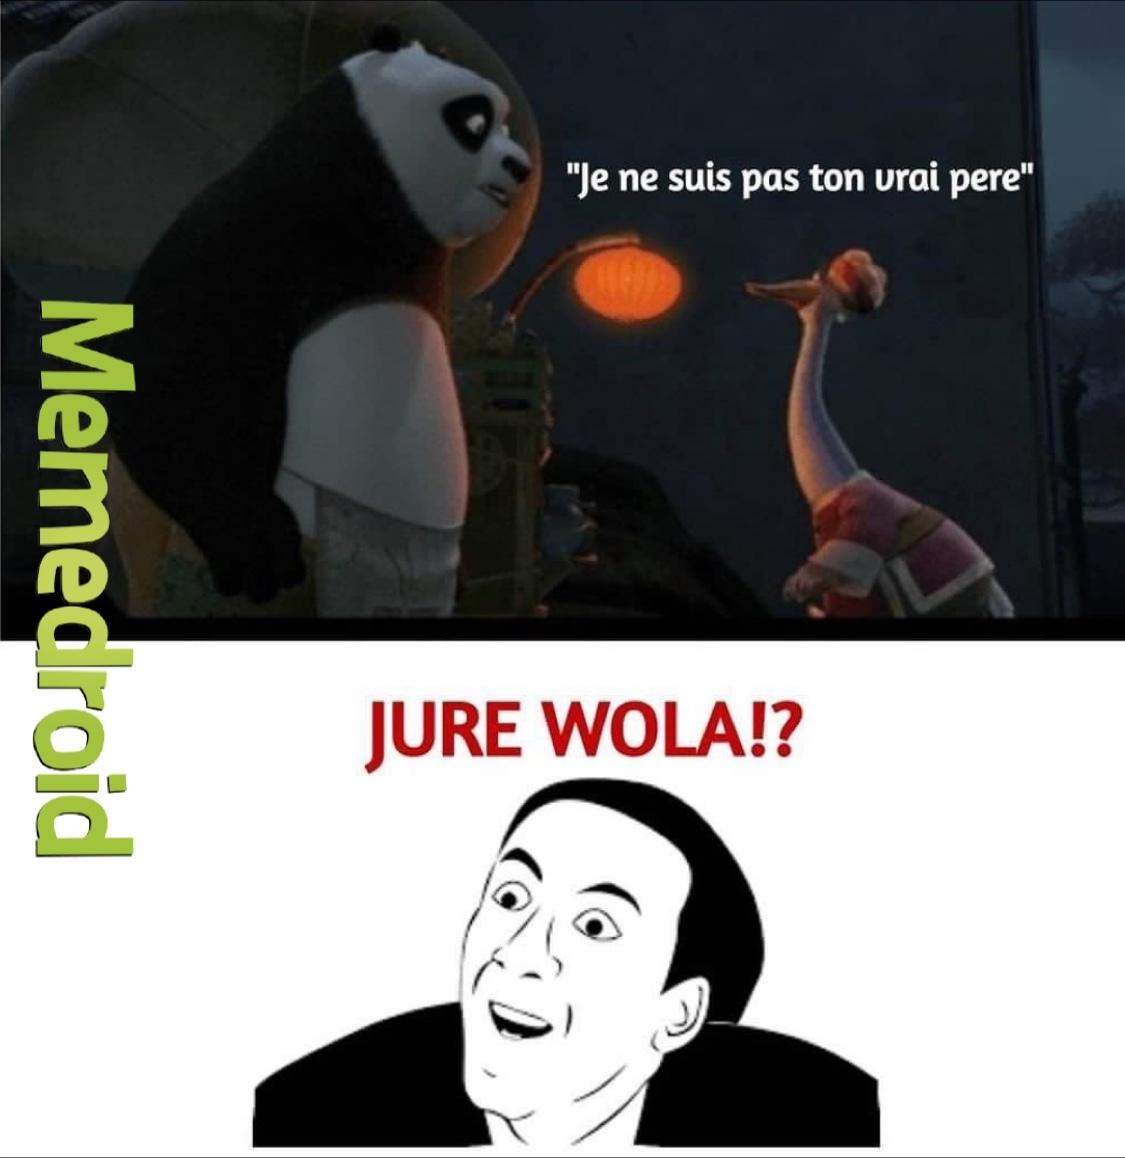 je jure wola - meme